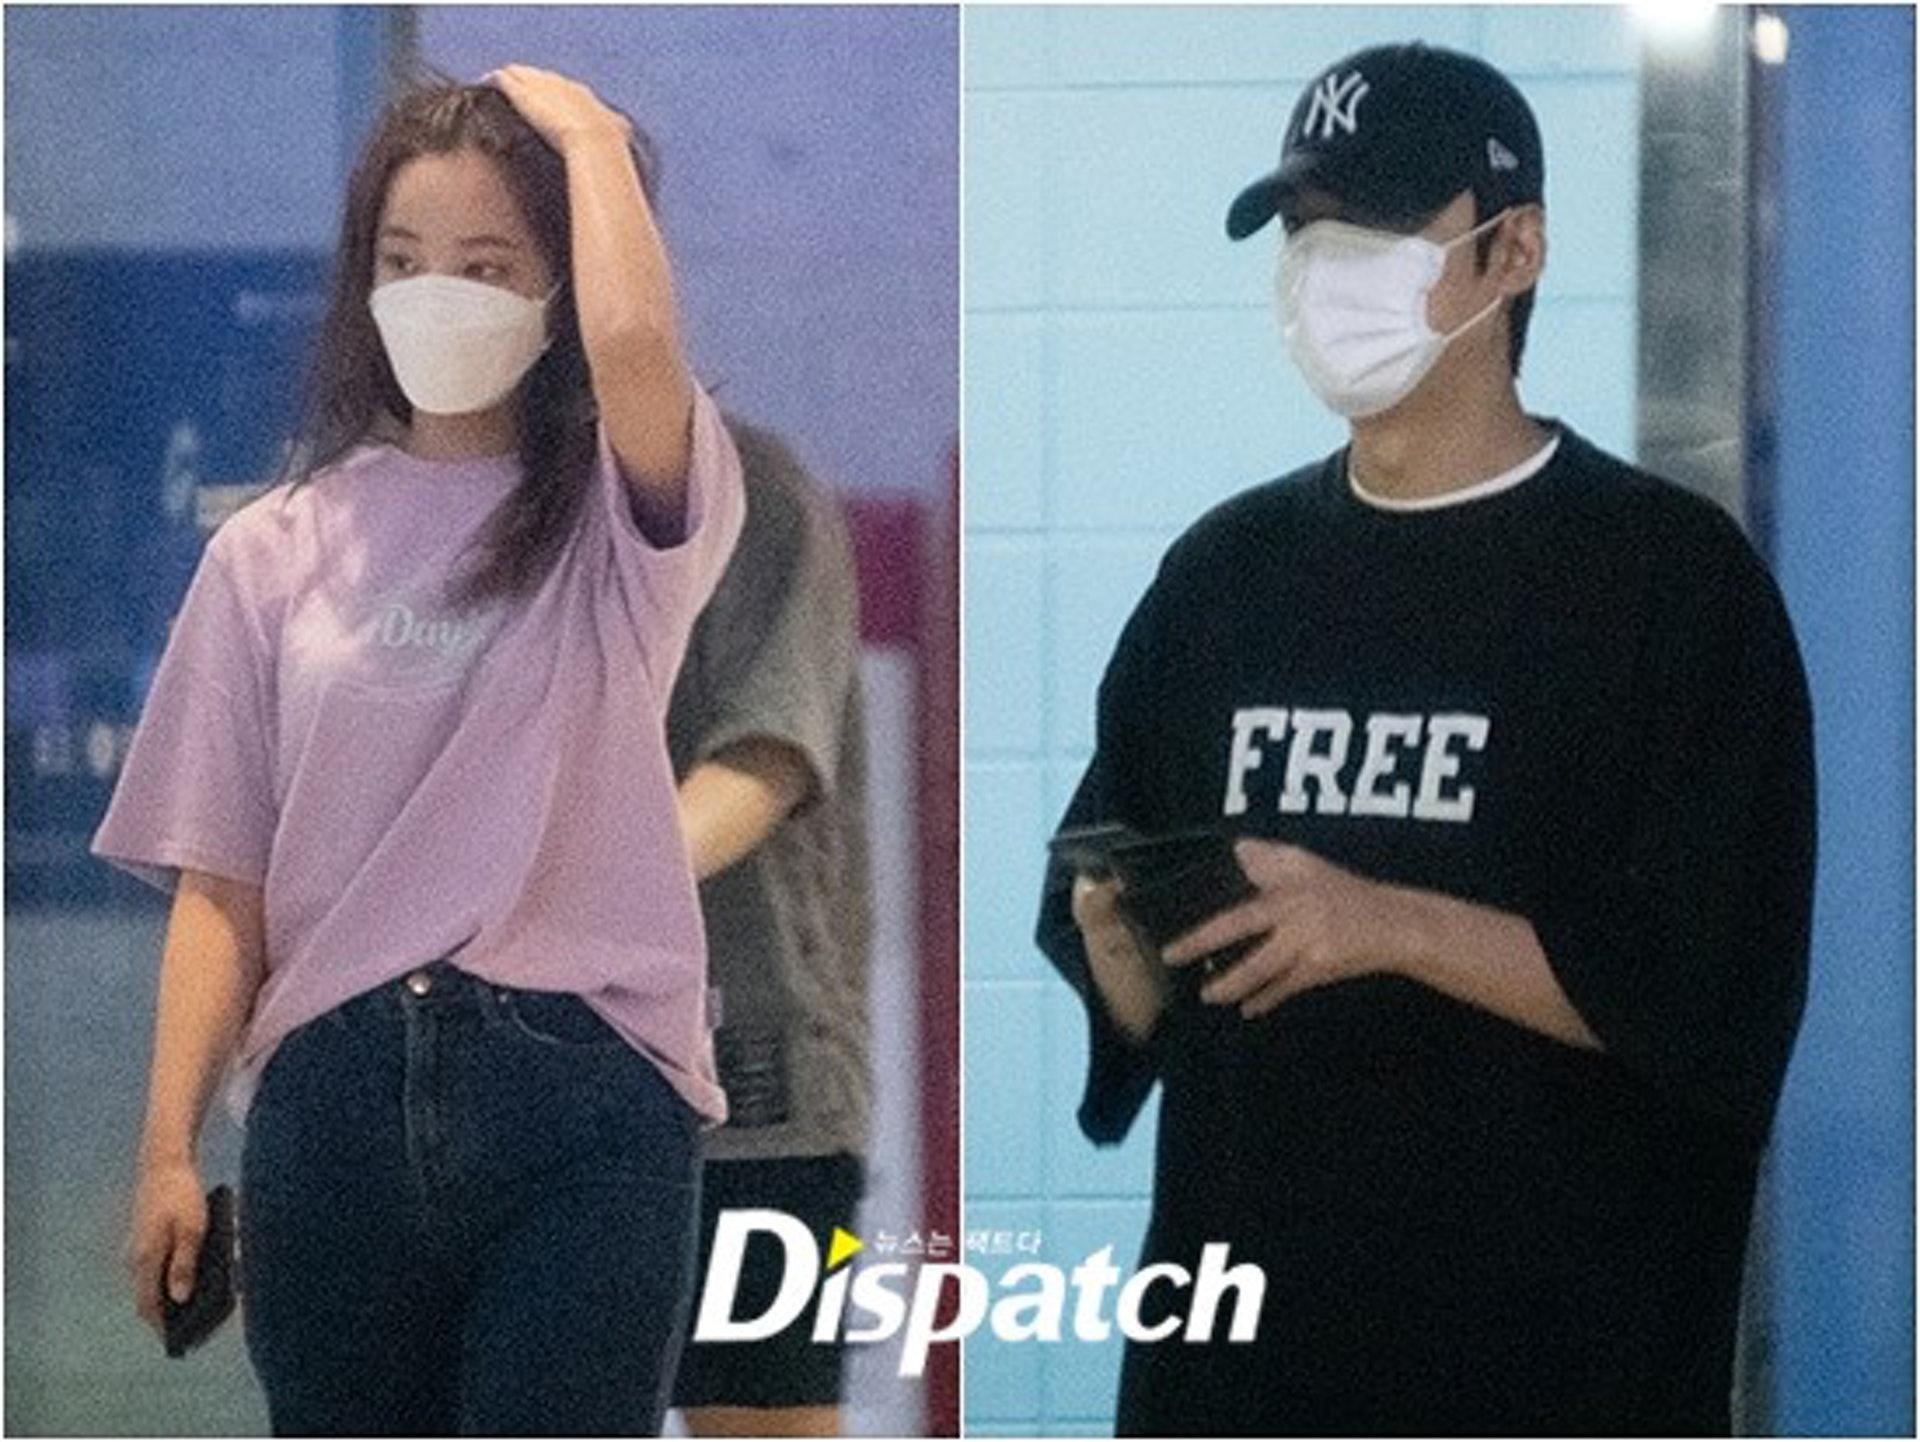 Cô gái lên top 1 tìm kiếm vì thông tin yêu Lee Min Hoo, từng gặp tai nạn quần ngắn